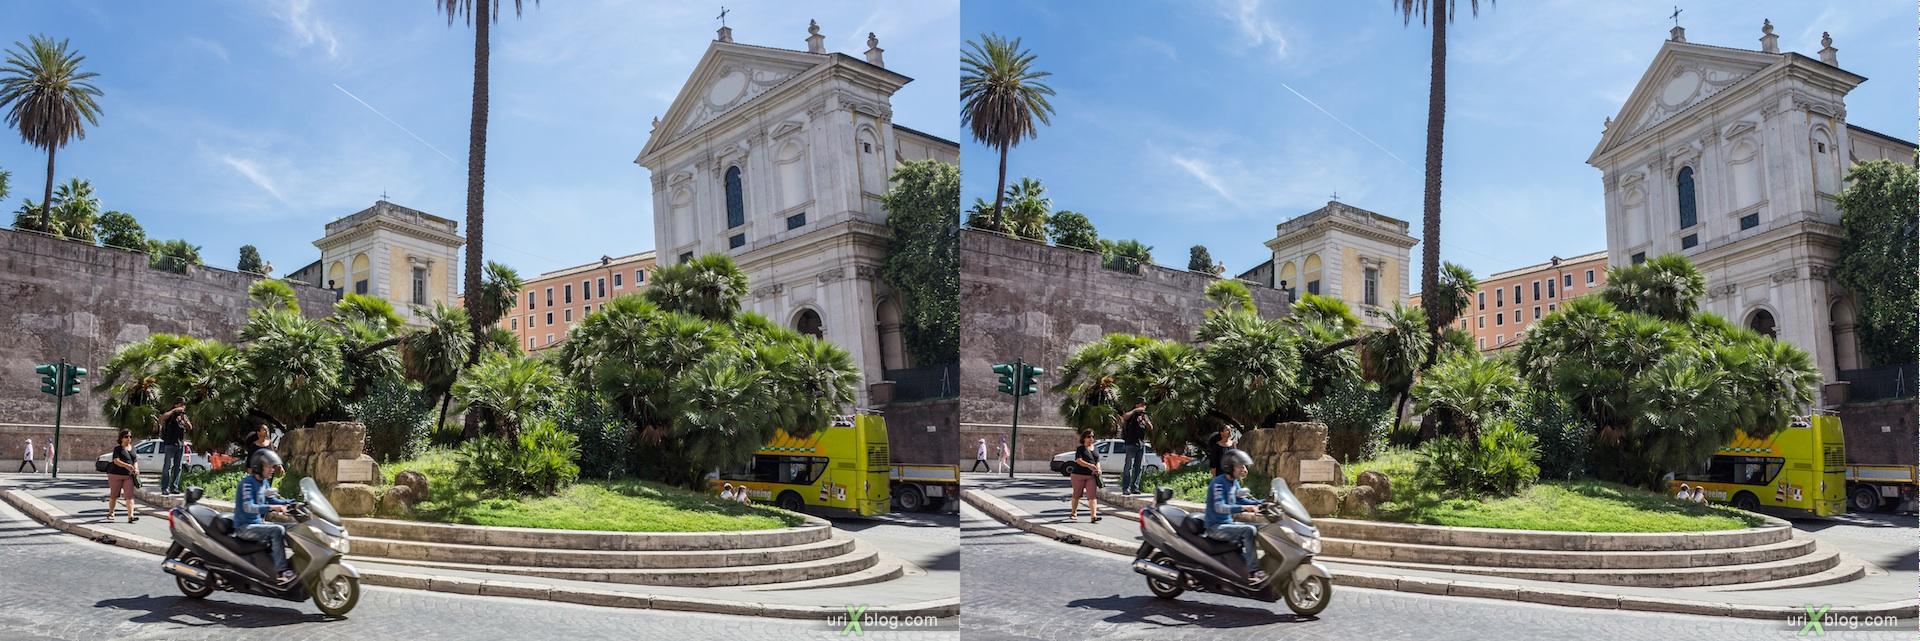 2012, площадь Largo Magnanapoli, Рим, Италия, осень, 3D, перекрёстные стереопары, стерео, стереопара, стереопары